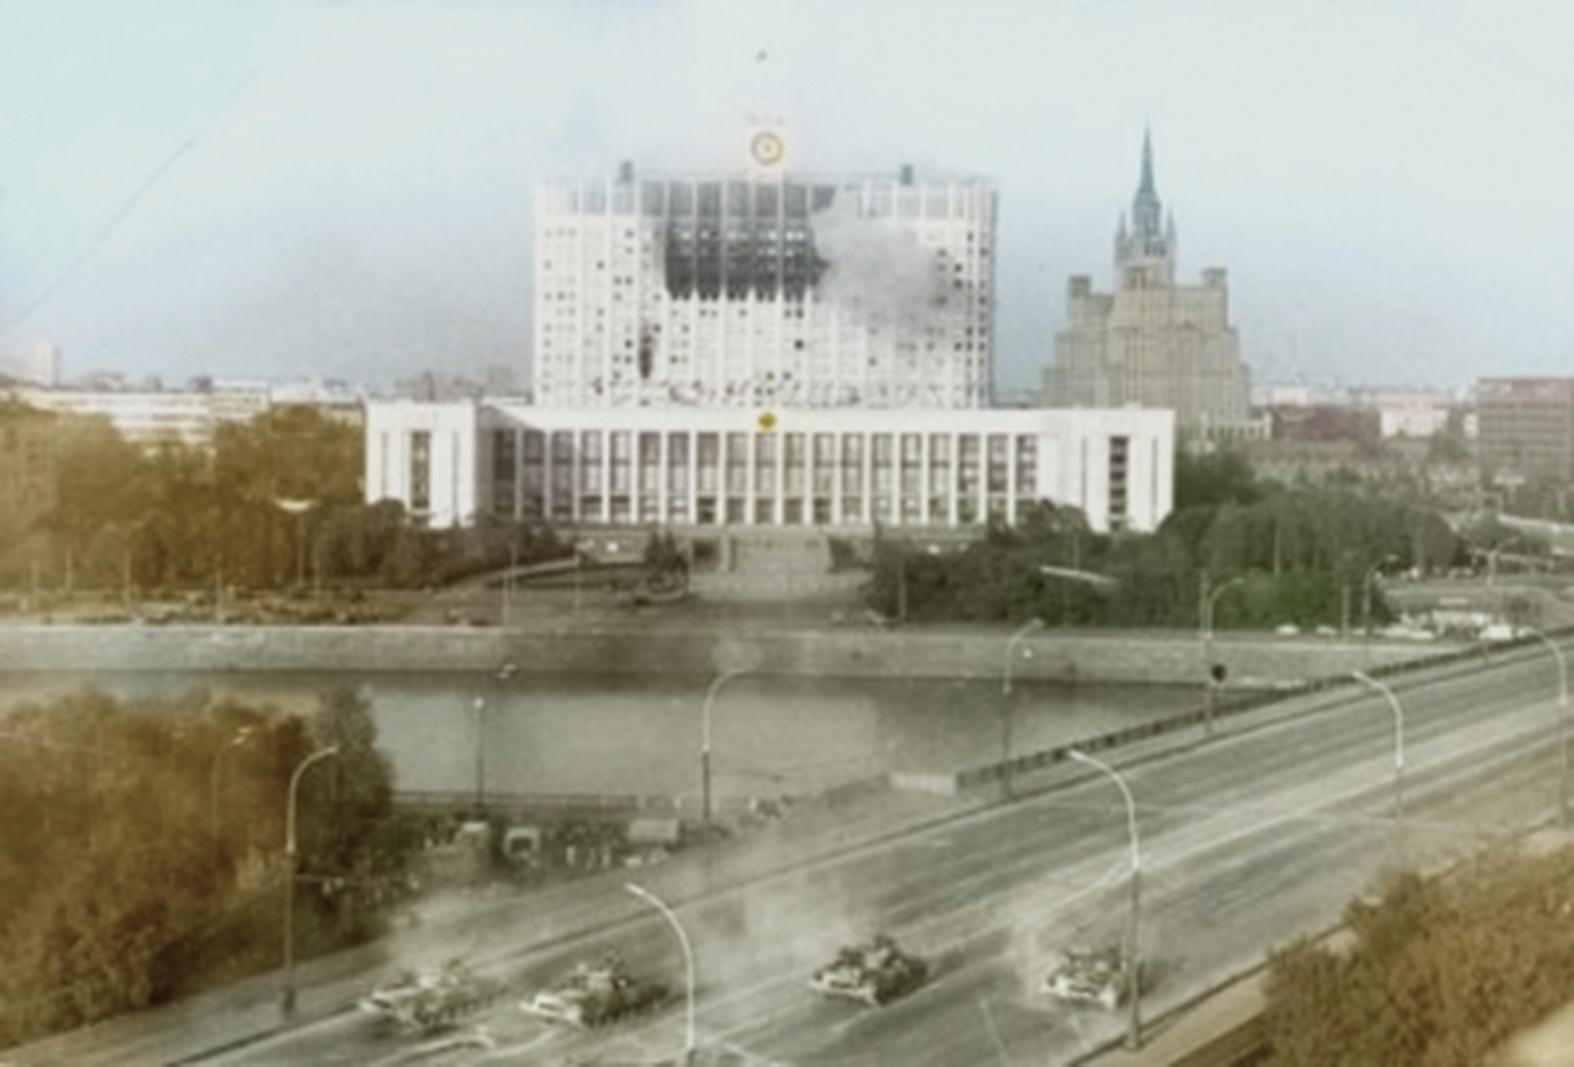 1993年10月,數萬莫斯科市民集會遊行要求恢復蘇聯體制並發生流血事件,葉利欽派出精銳坦克部隊,轟炸俄羅斯最高蘇維埃大樓,平息了這一危機。(維基百科)